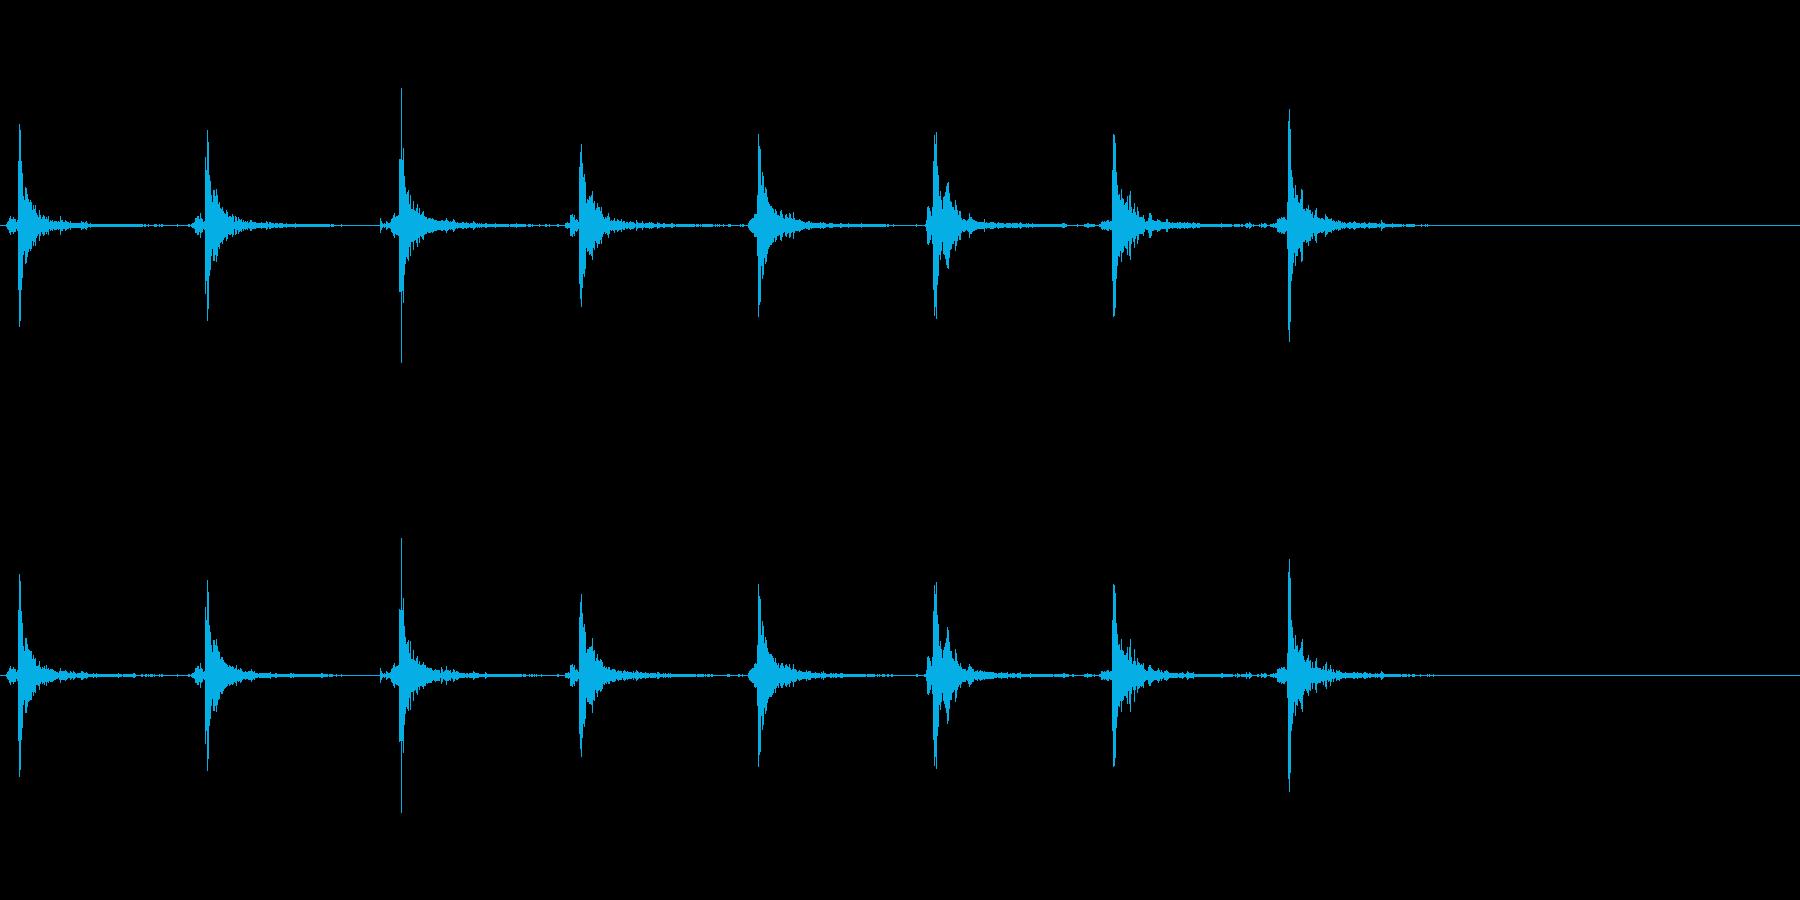 【生録音】神楽鈴 手に当てた音の再生済みの波形